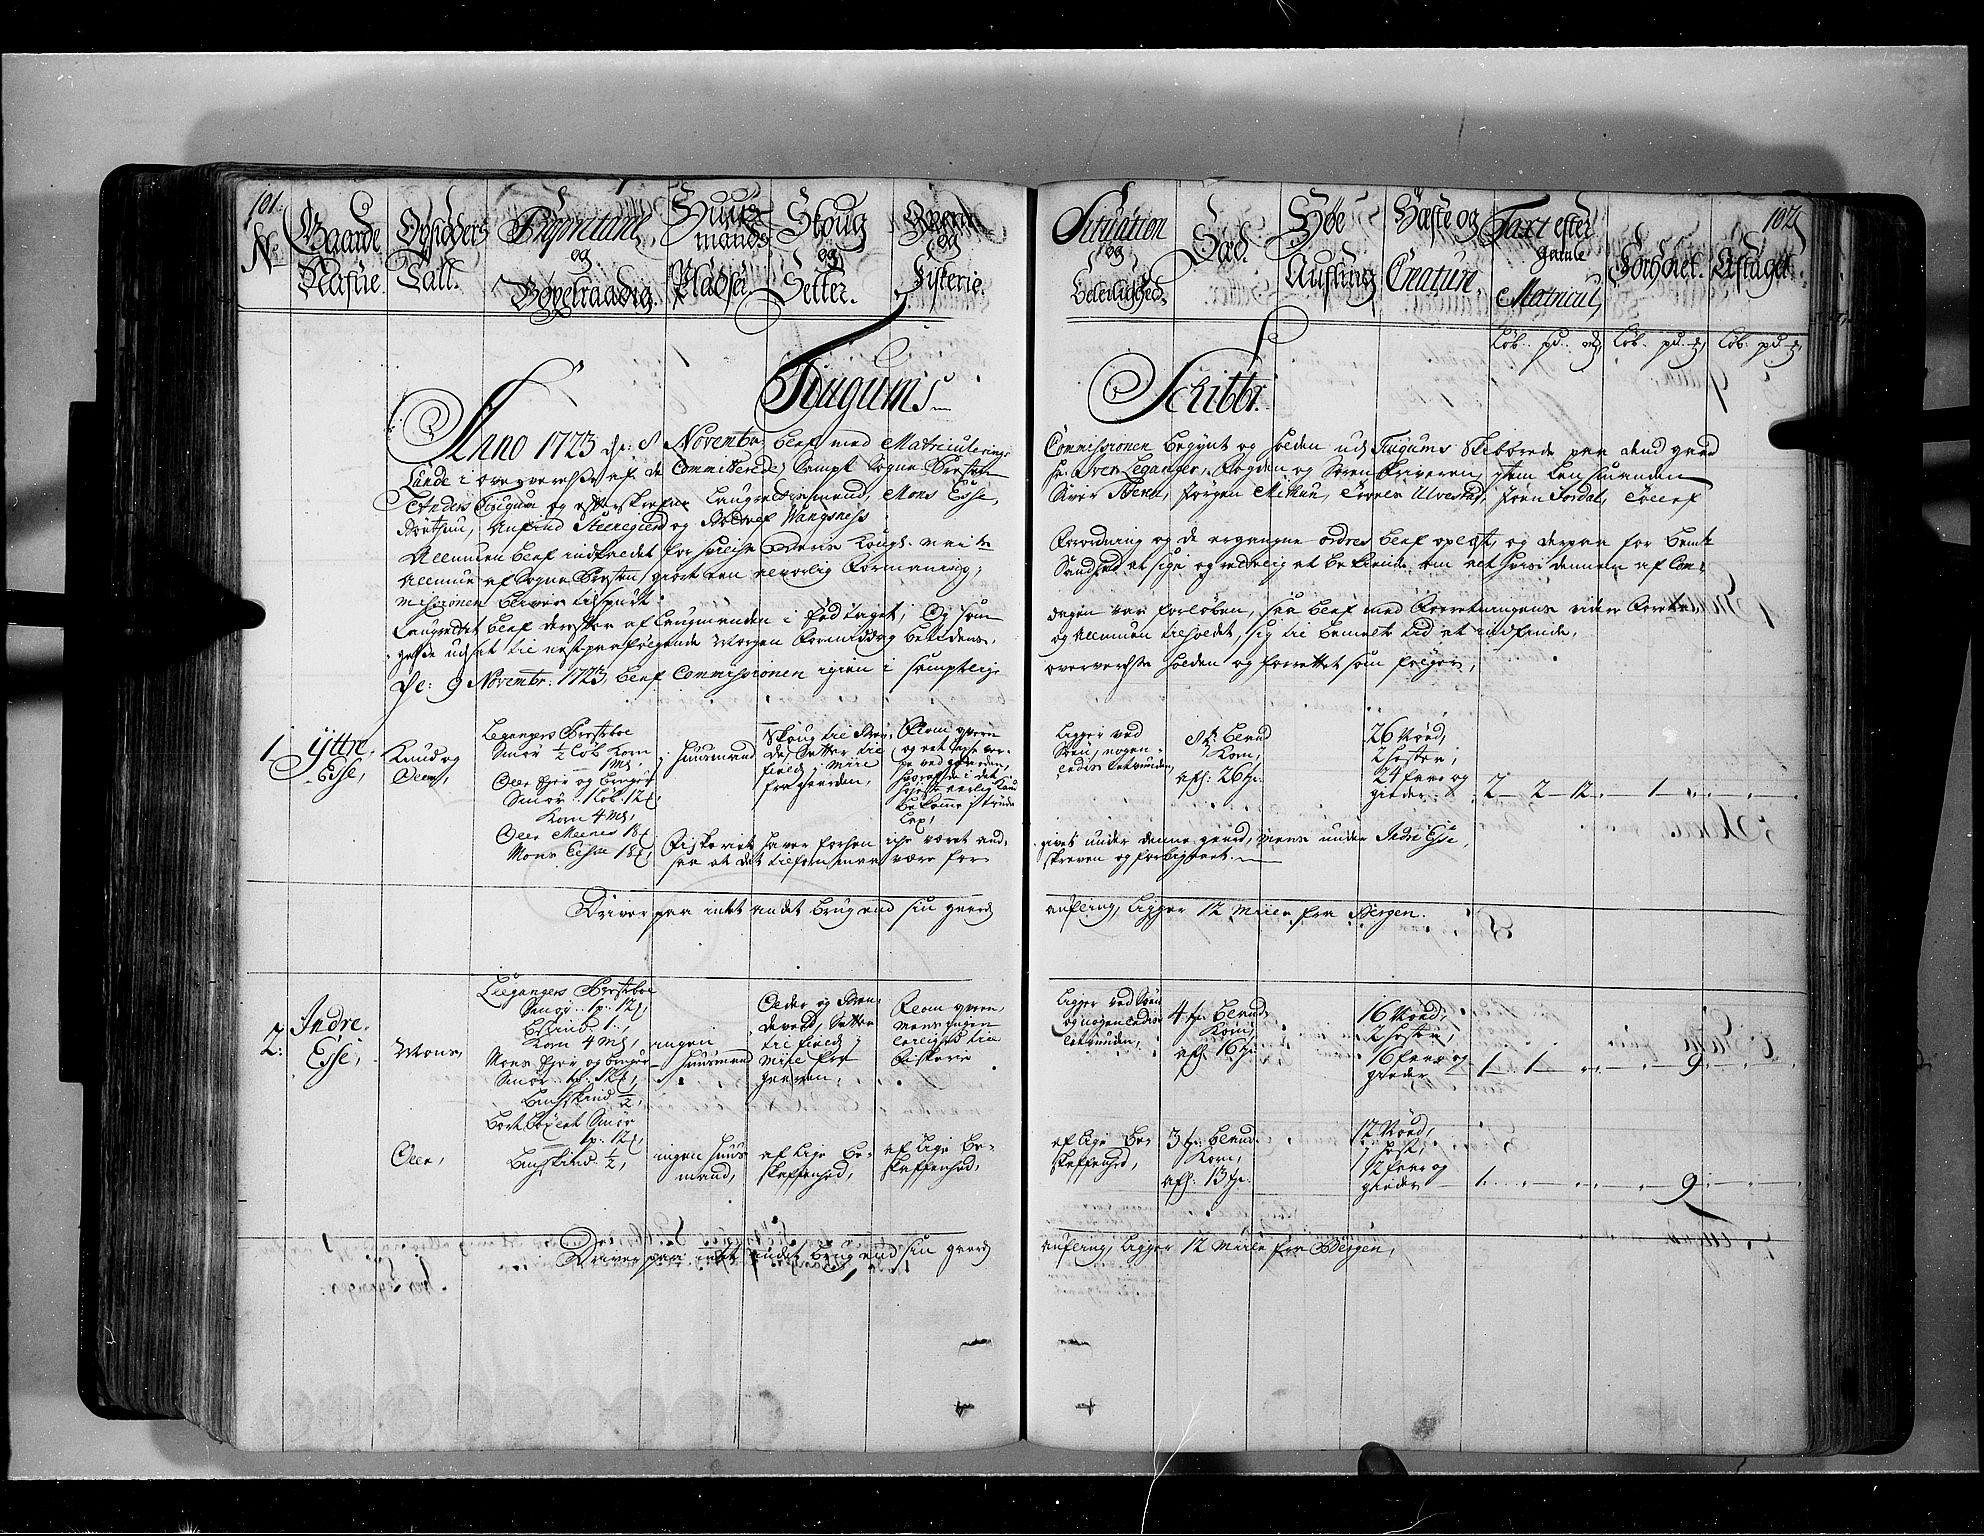 RA, Rentekammeret inntil 1814, Realistisk ordnet avdeling, N/Nb/Nbf/L0143: Ytre og Indre Sogn eksaminasjonsprotokoll, 1723, s. 101-102